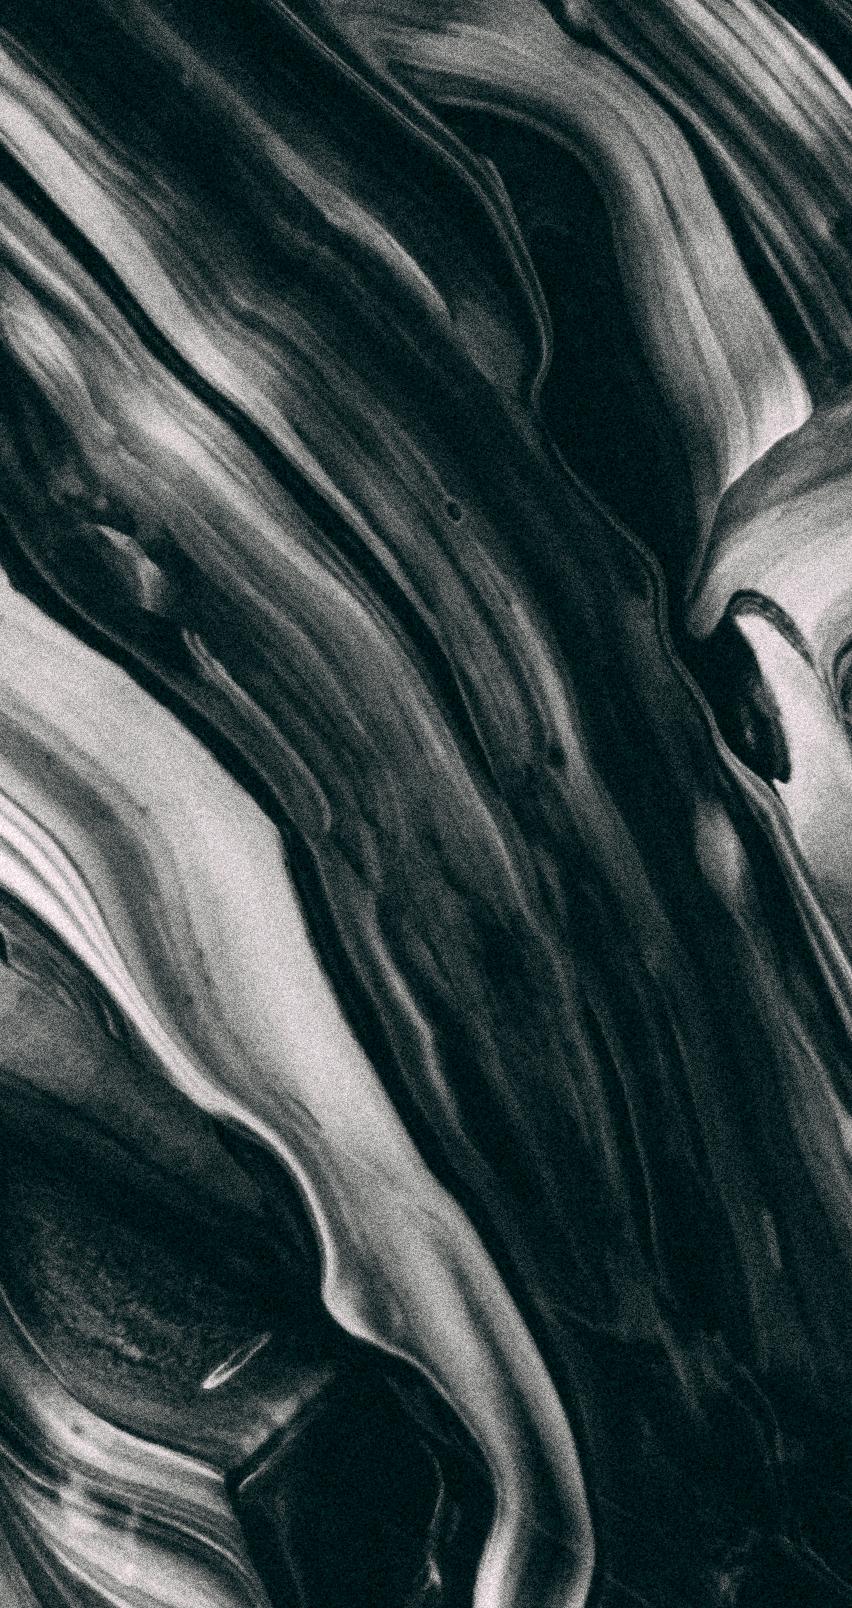 Liquid Paint Iphone Wallpapers Planos De Fundo Papeis De Parede